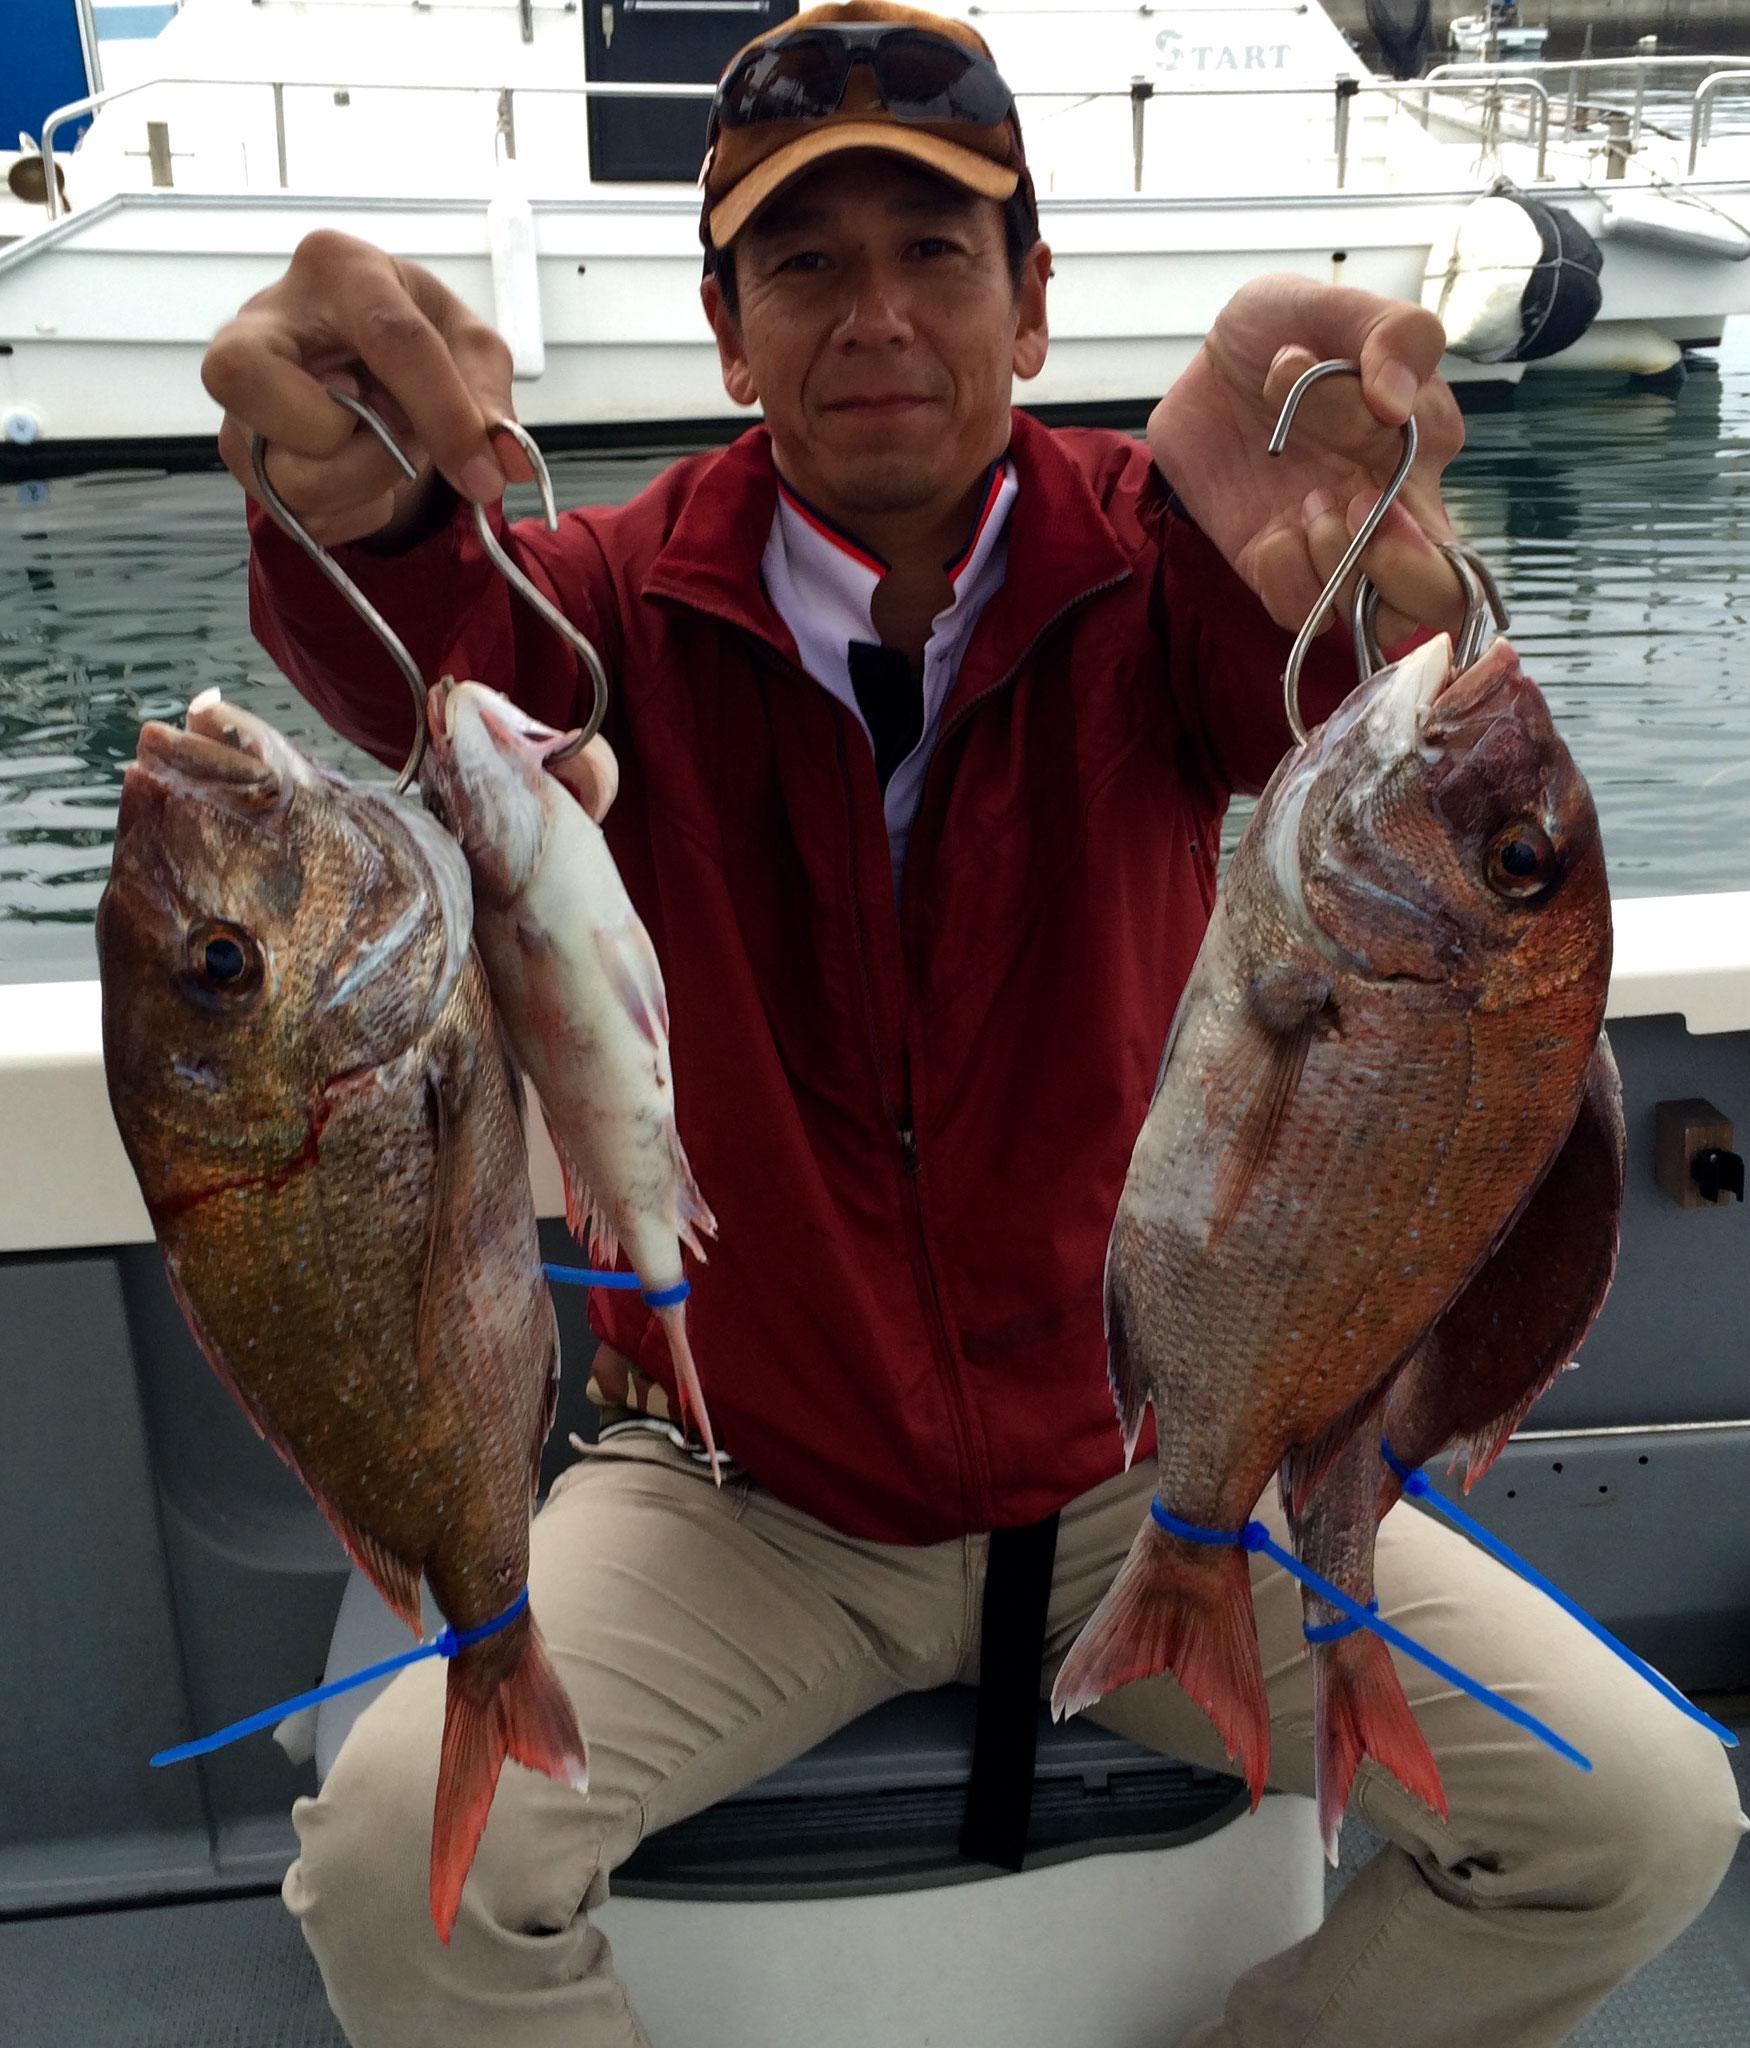 良型混じりの5fish!